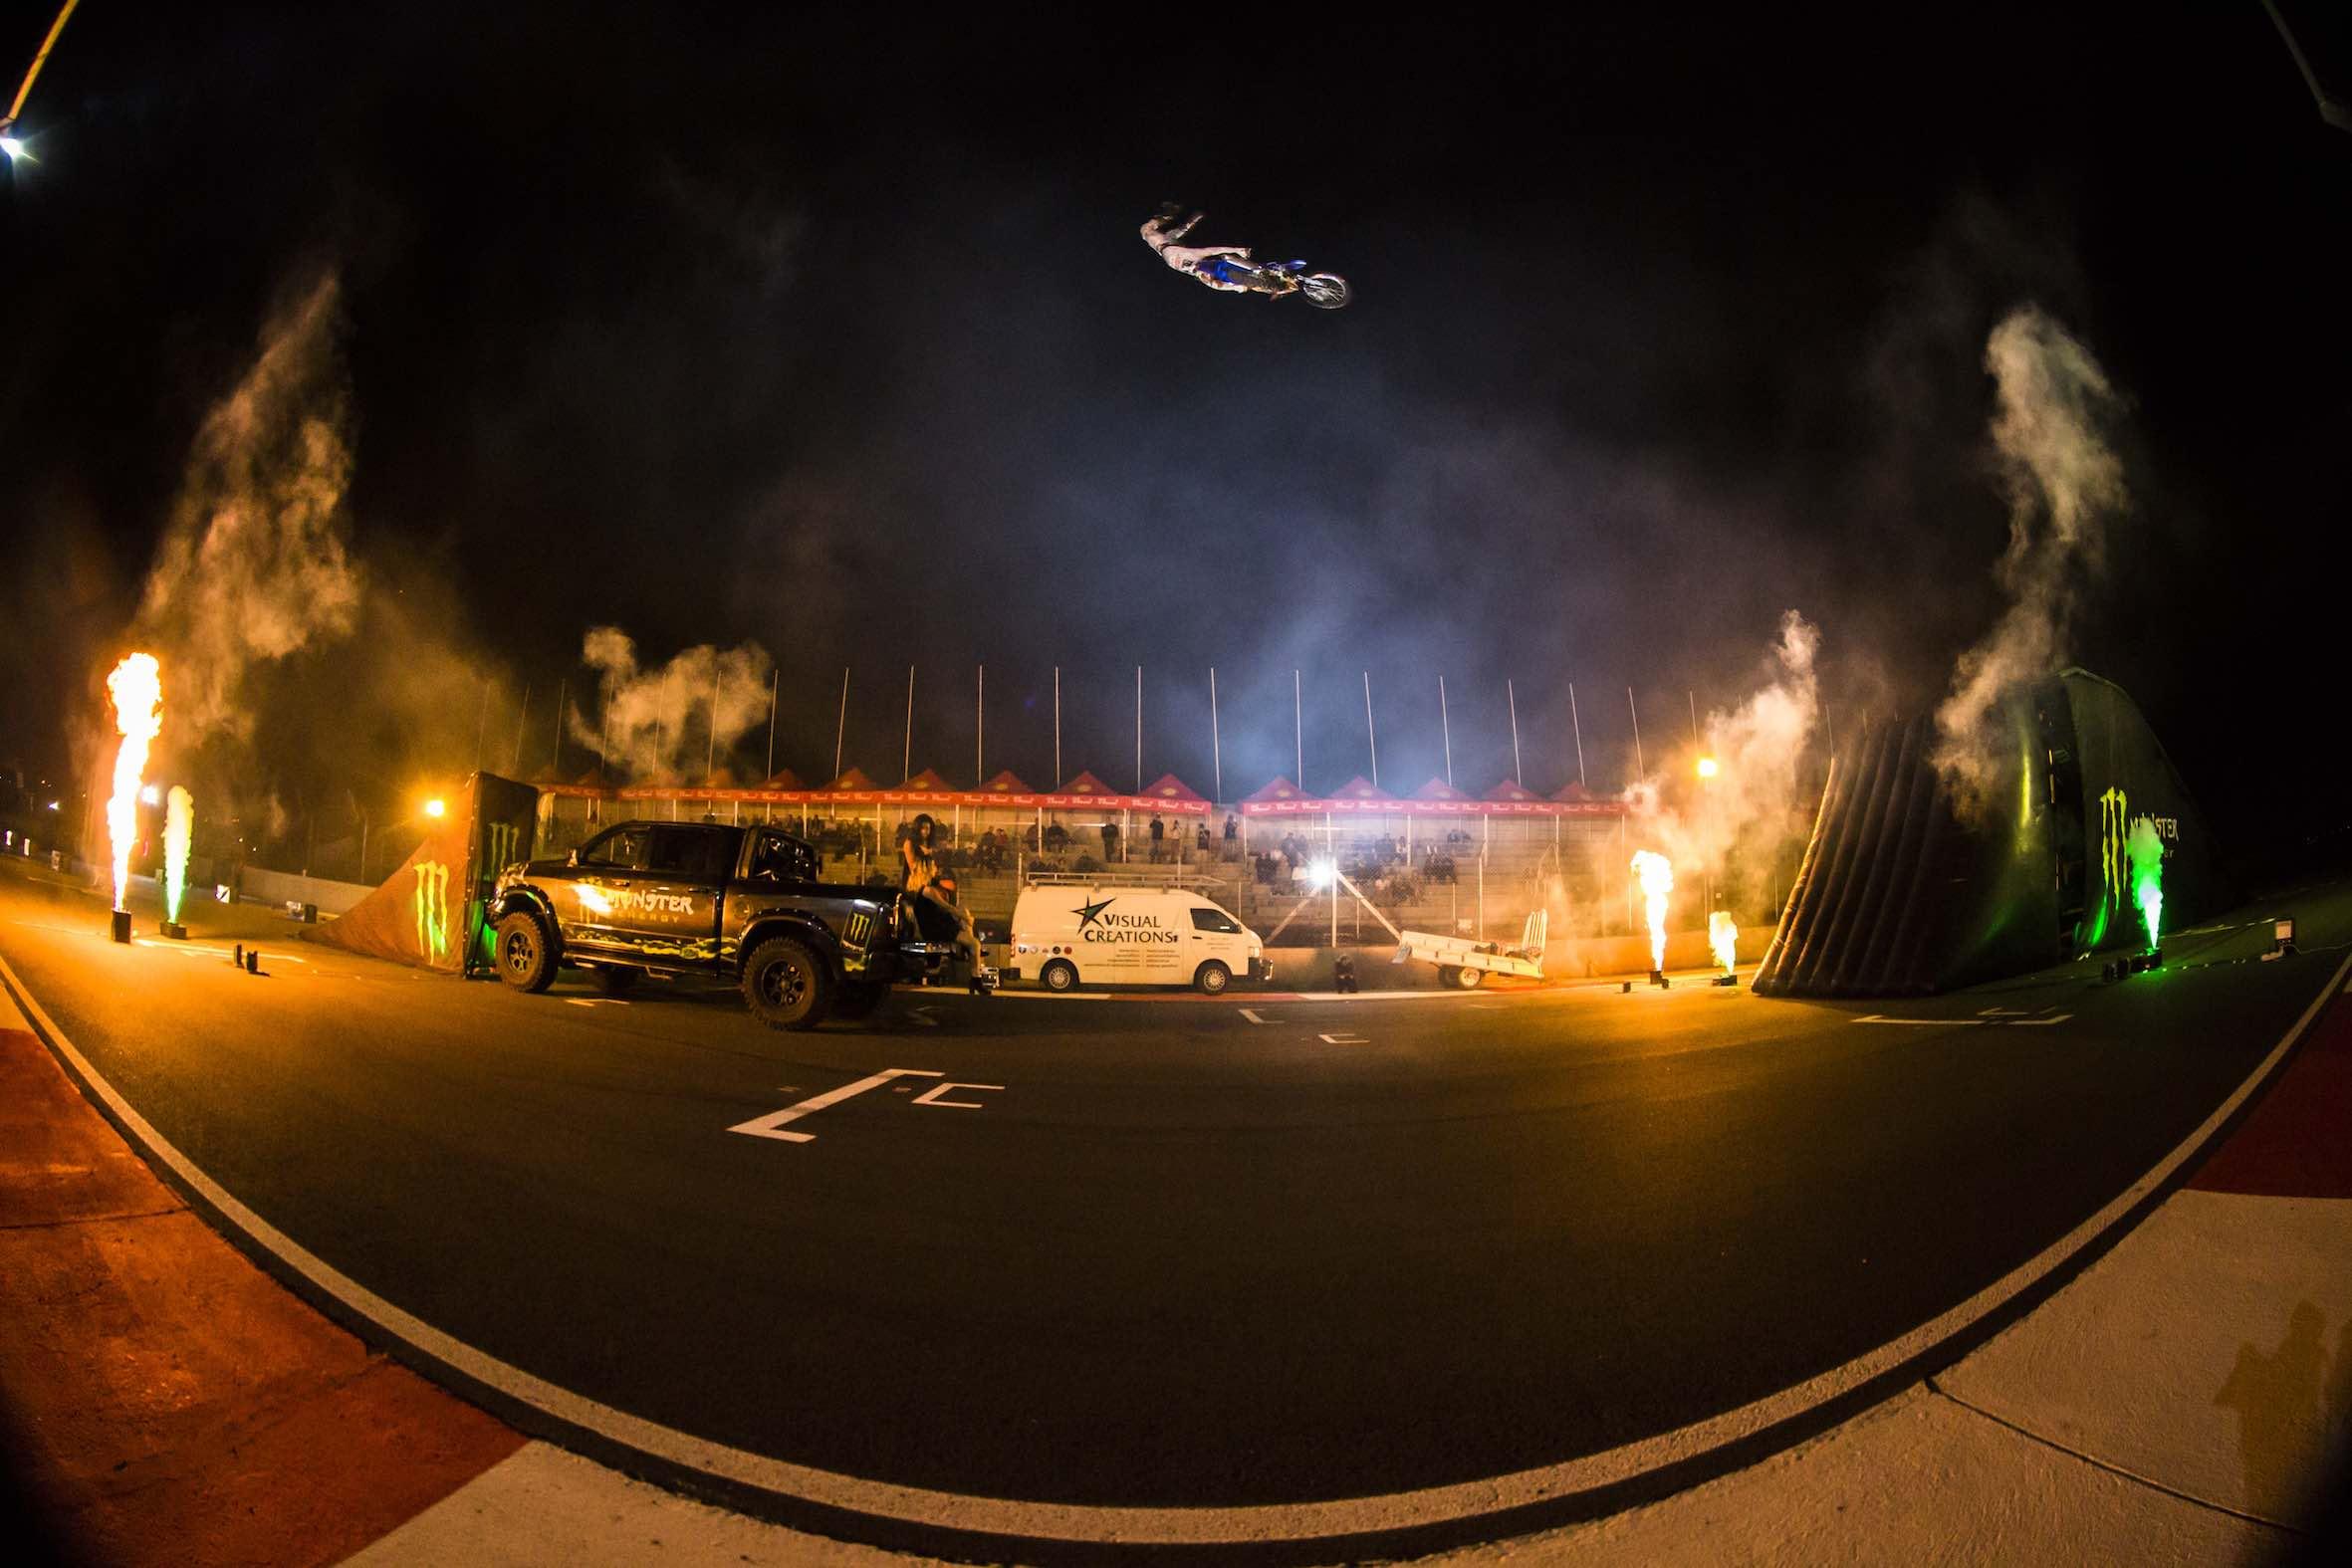 Monster Energy Flight Night at South Africa Bike Fest 2018